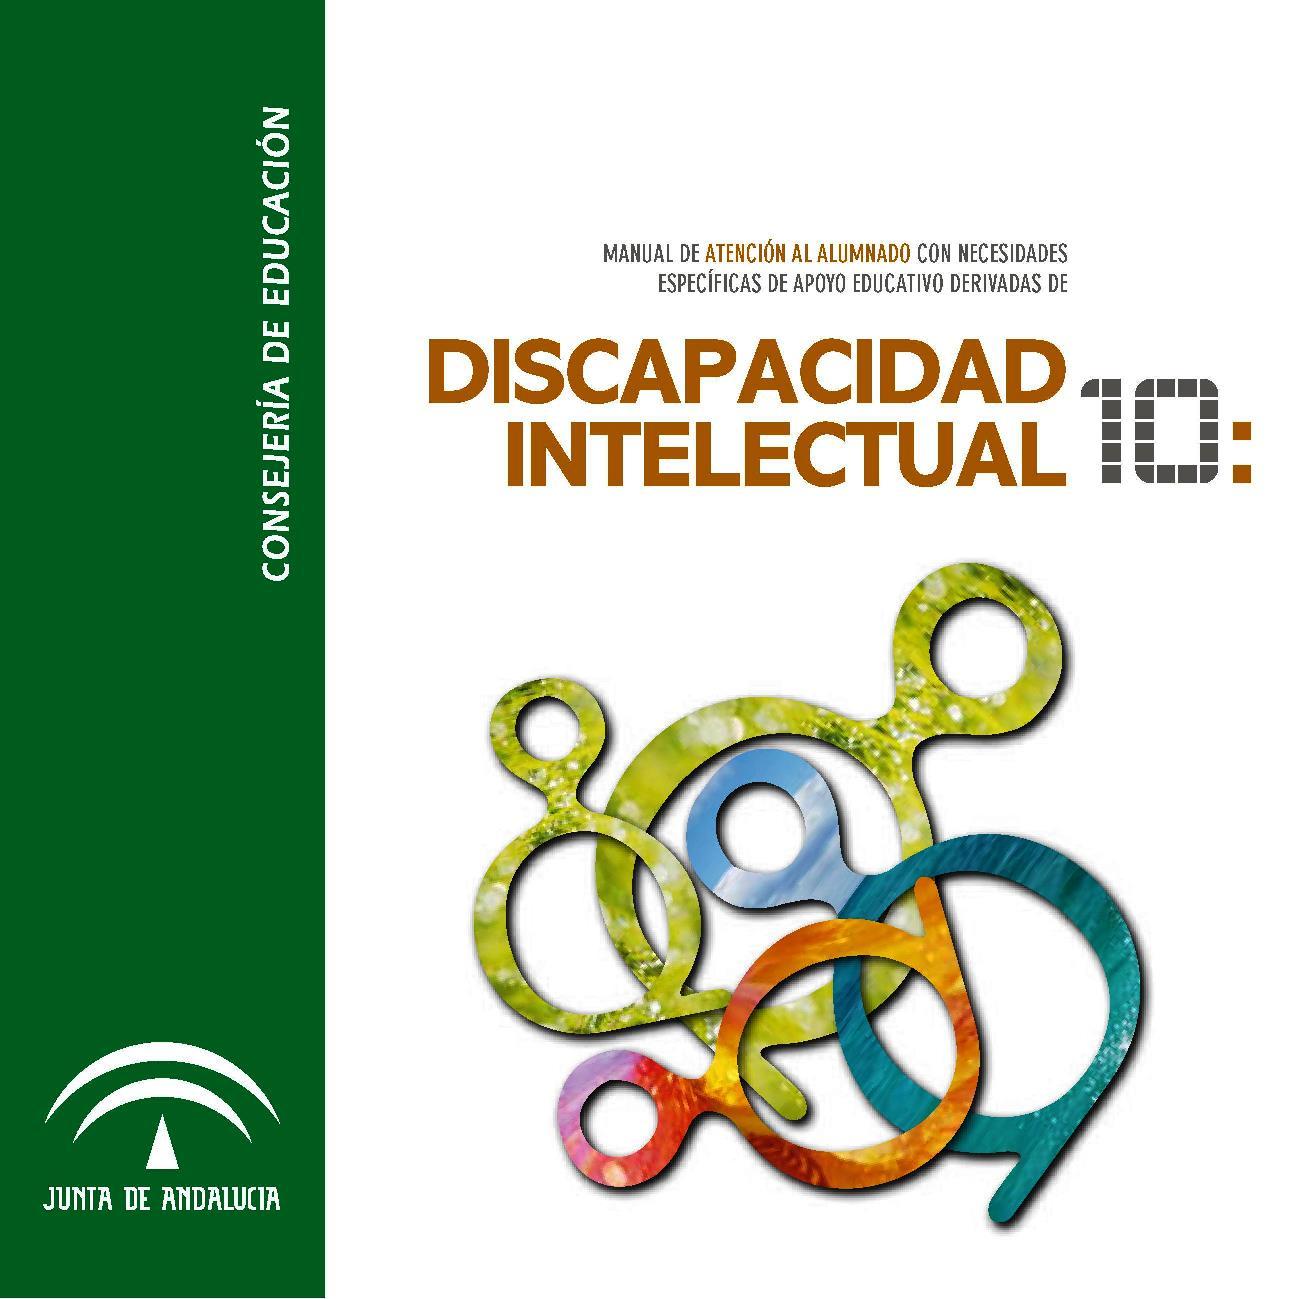 Discapacidad Intelectual – Manual de atención al Alumnado